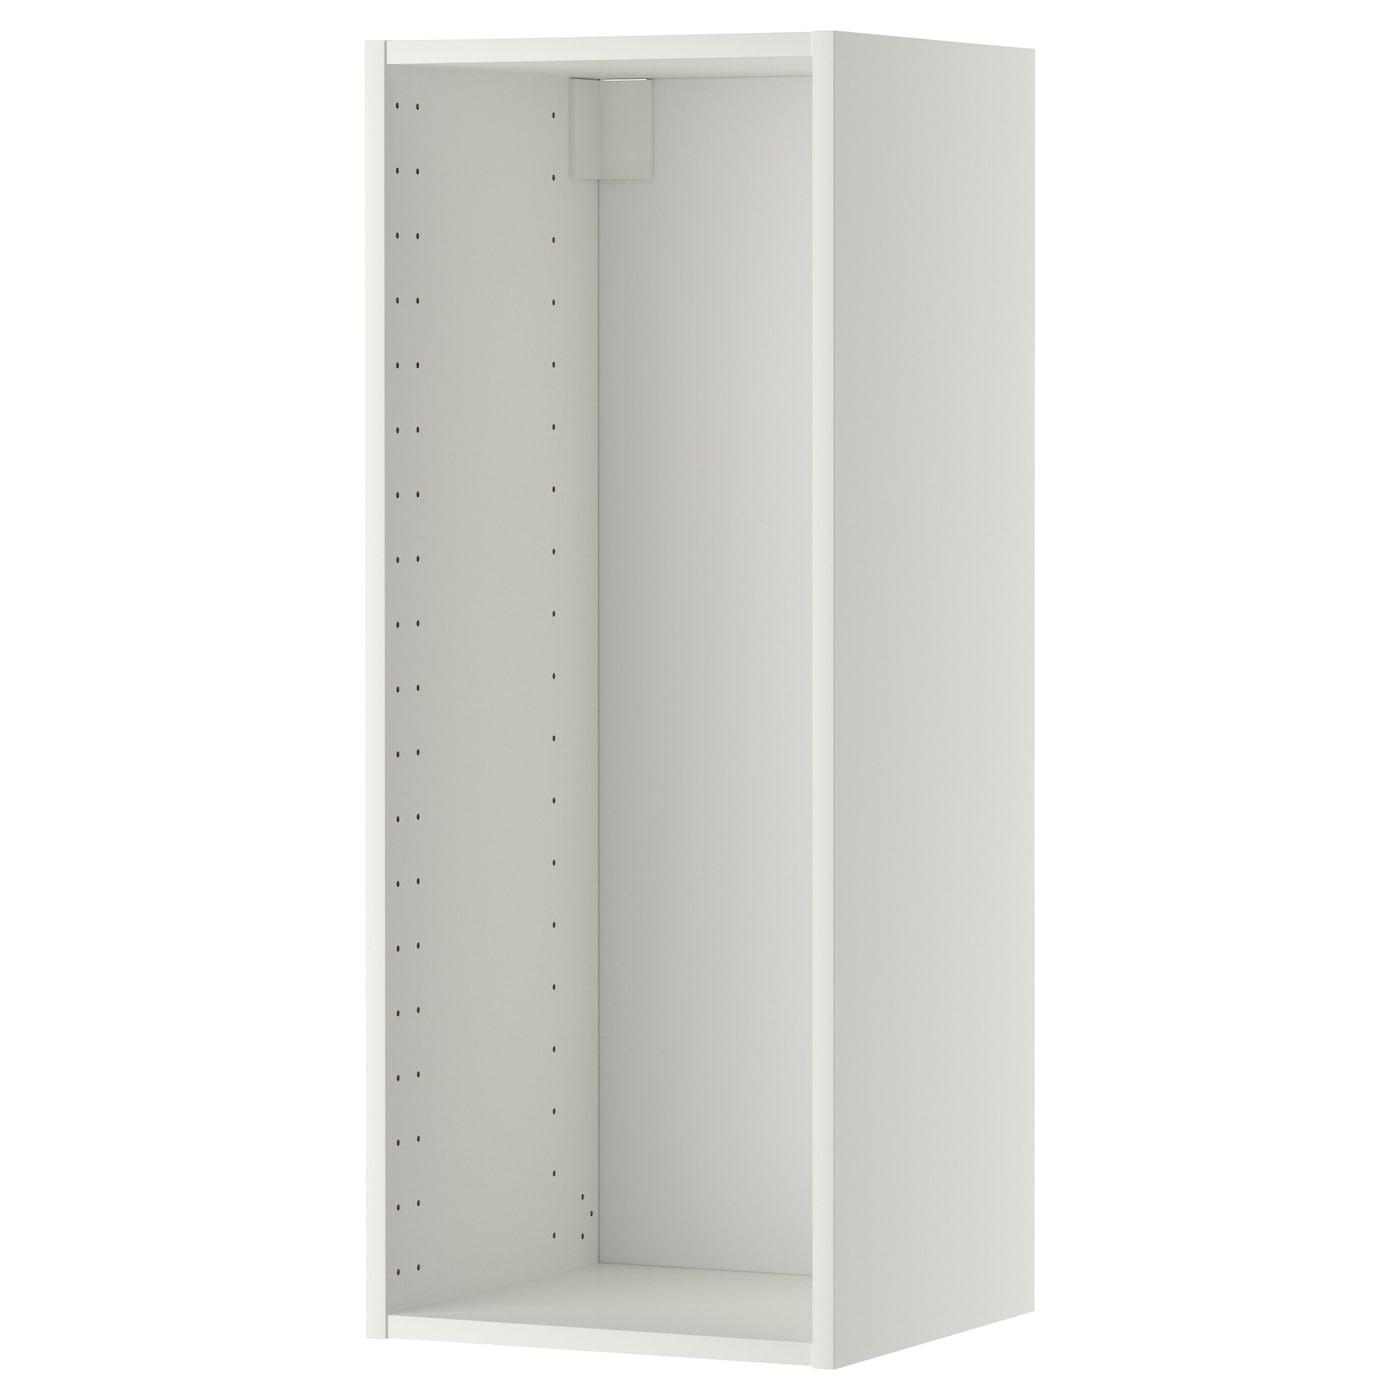 Epaisseur Caisson Cuisine Ikea metod structure élément mural - blanc 40x37x100 cm